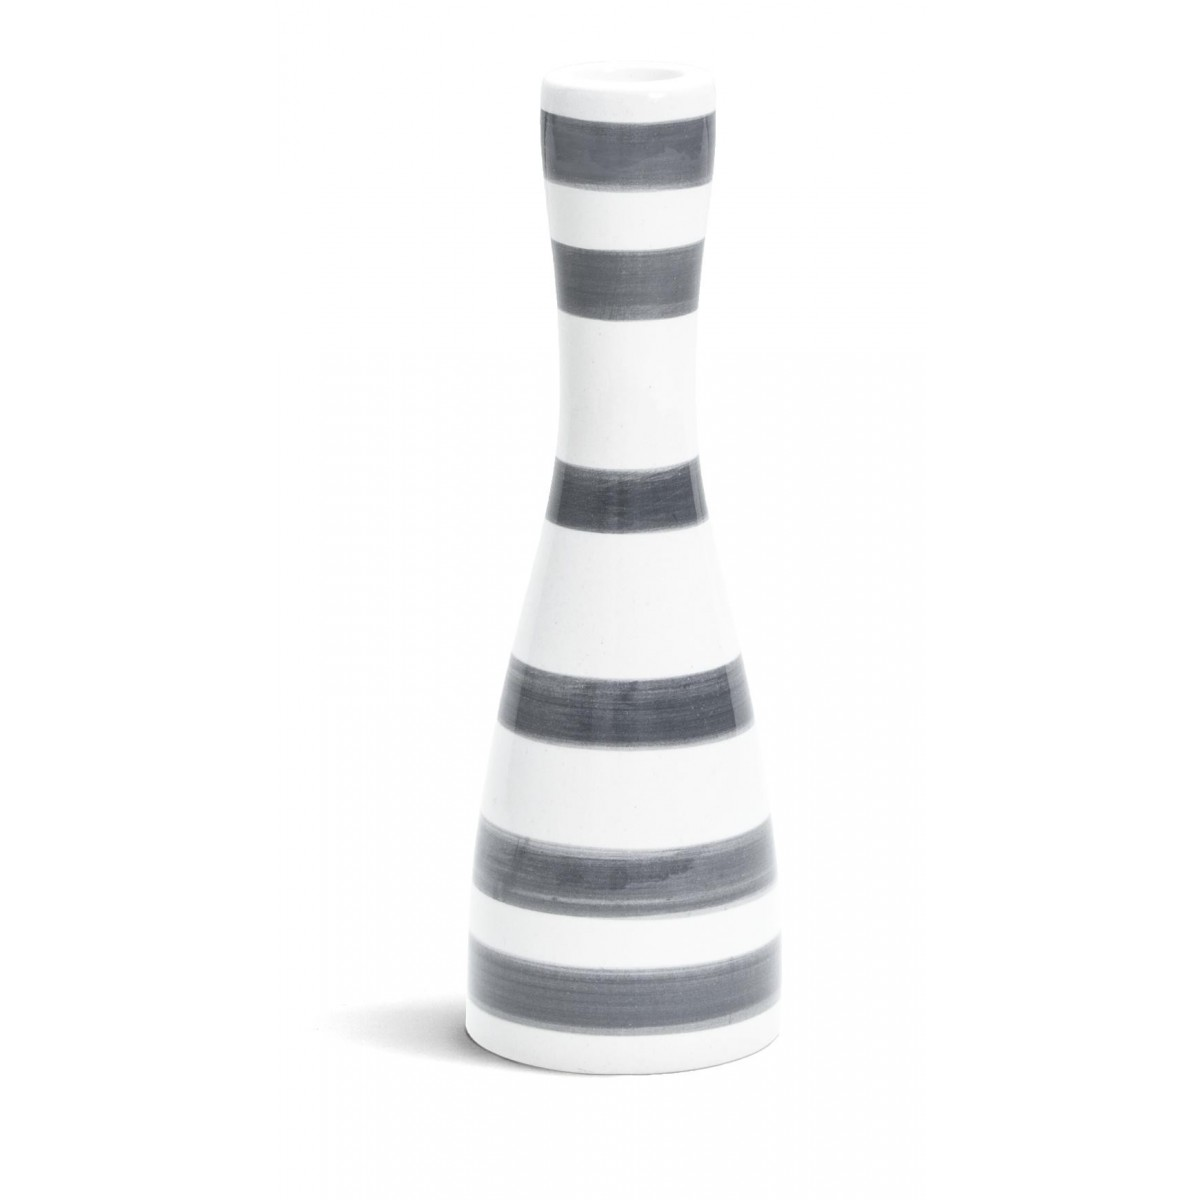 KÄHLER Omaggio lysestage granit grå mellem